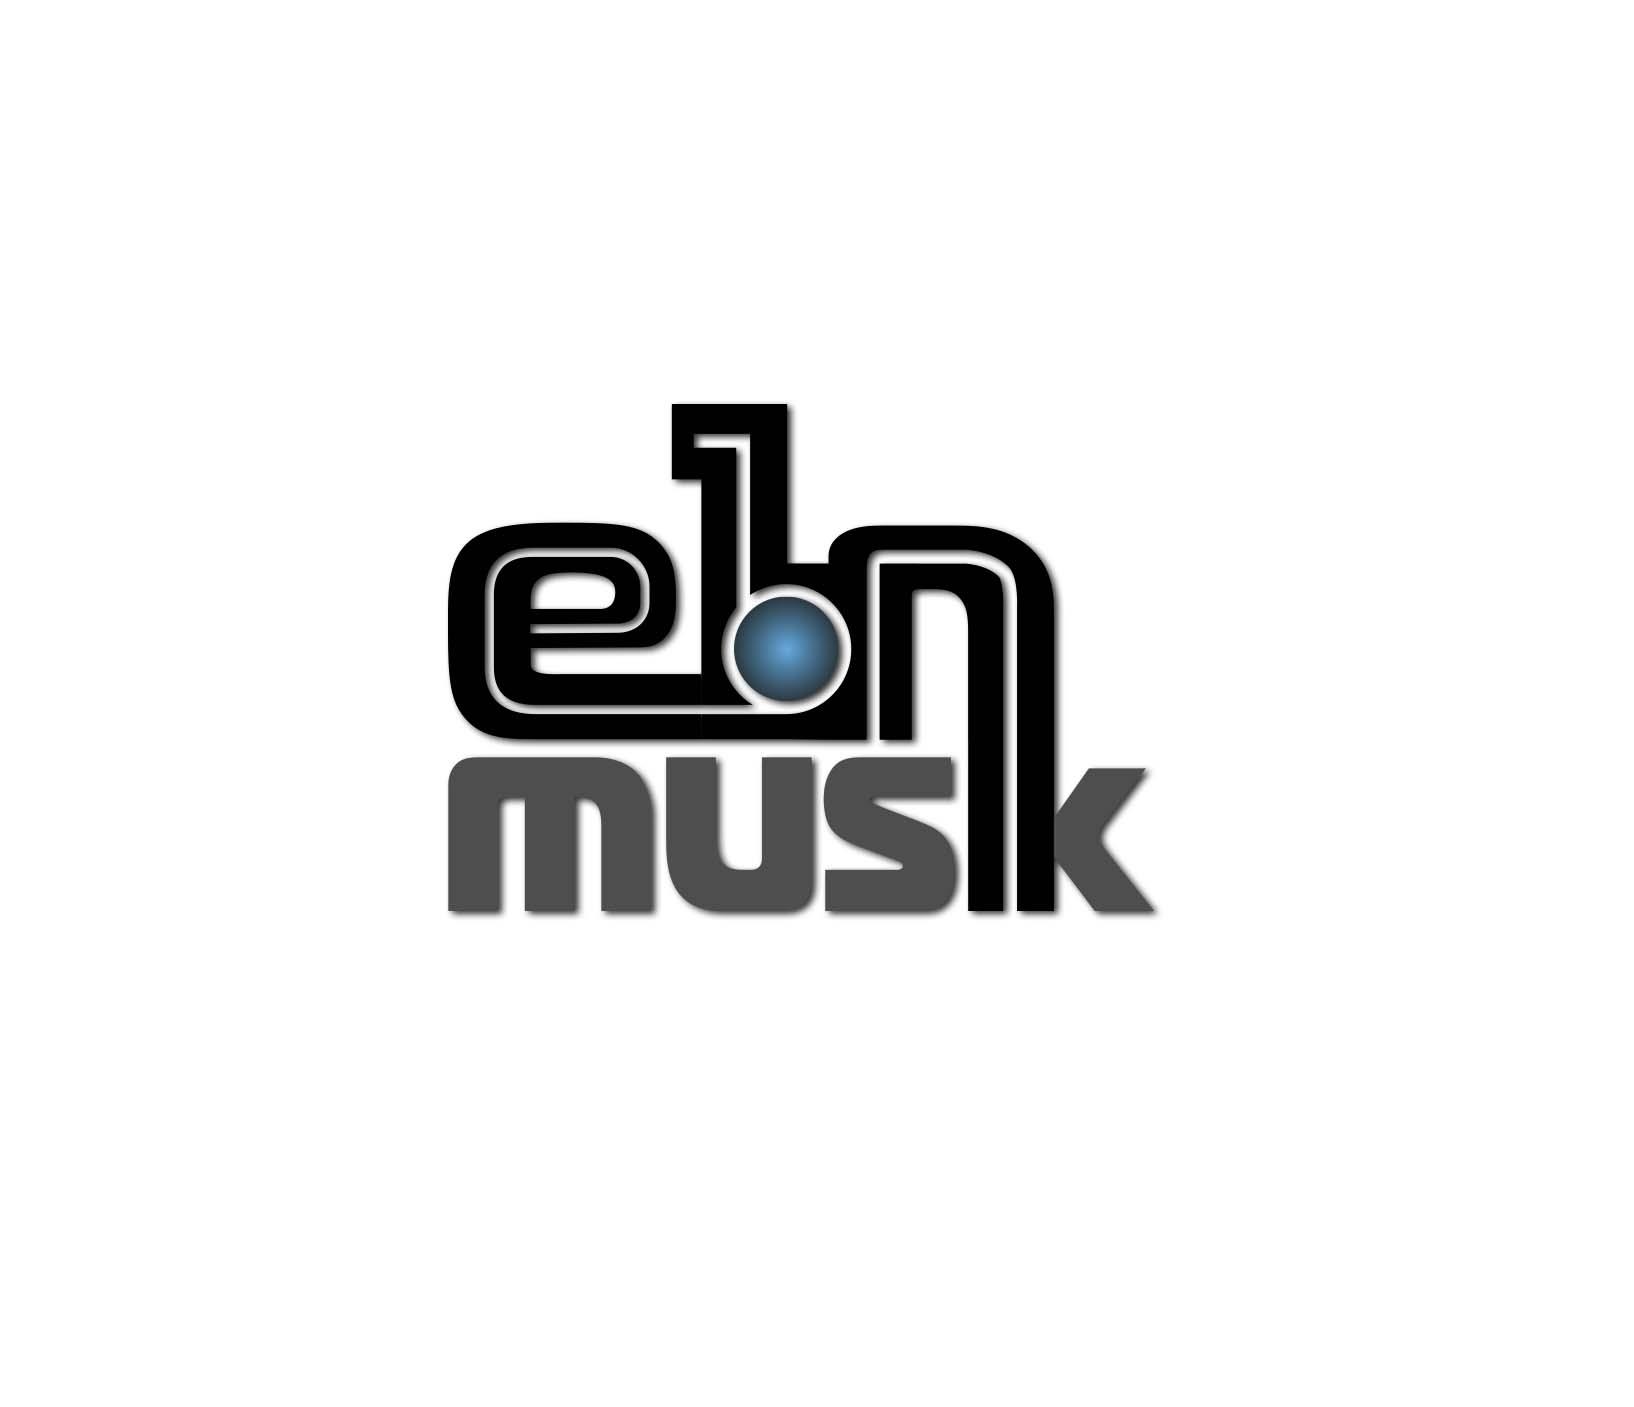 Логотип для новостного сайта  фото f_9975b6c699df1245.jpg